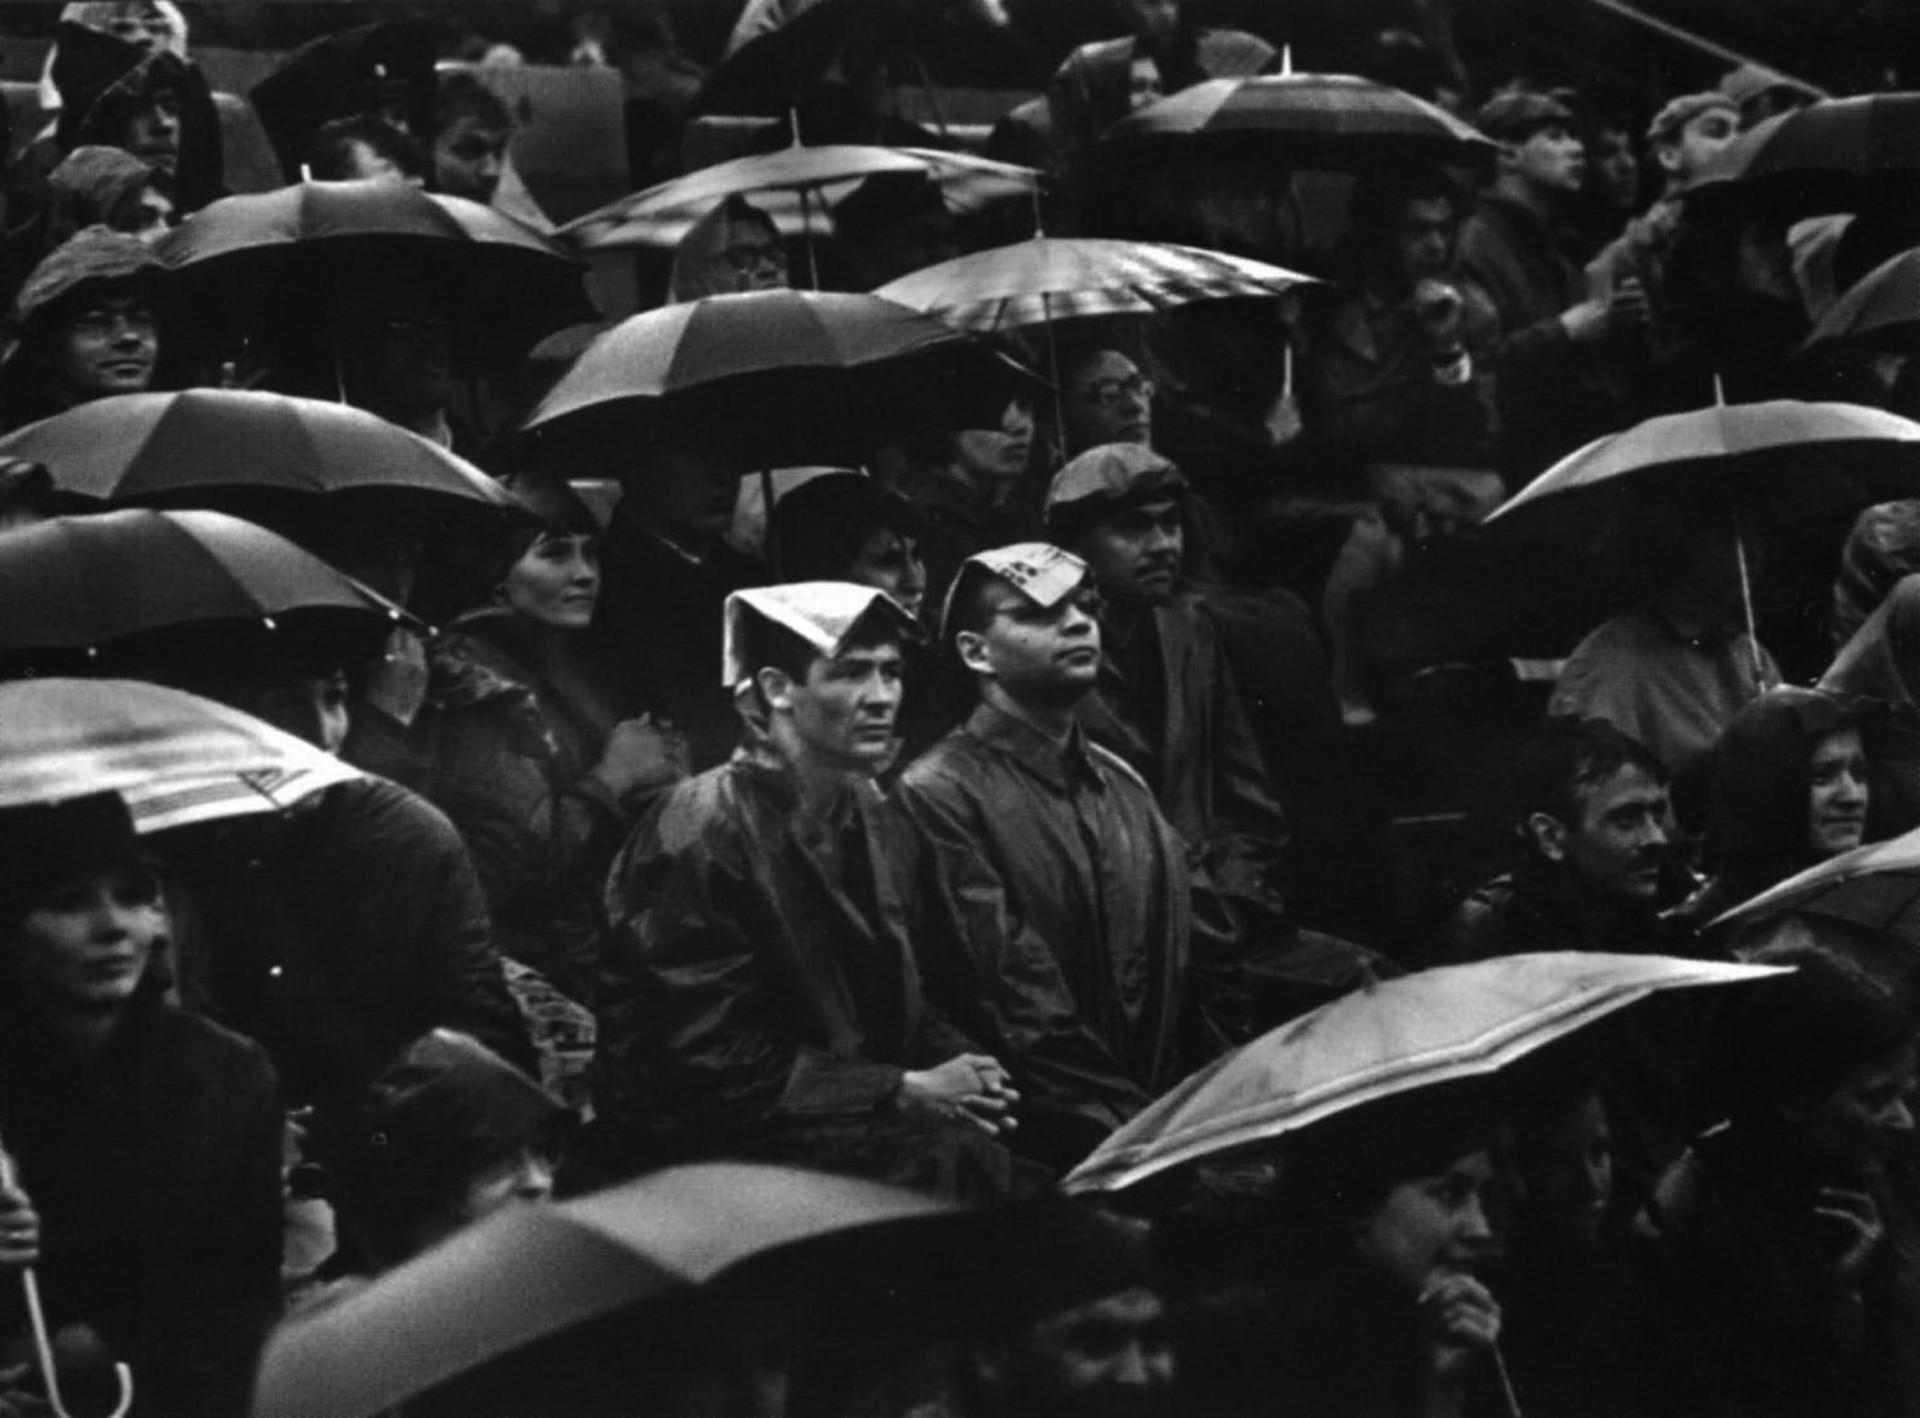 サポーターたち (ディナモ・アリーナ、モスクワ、1965年)